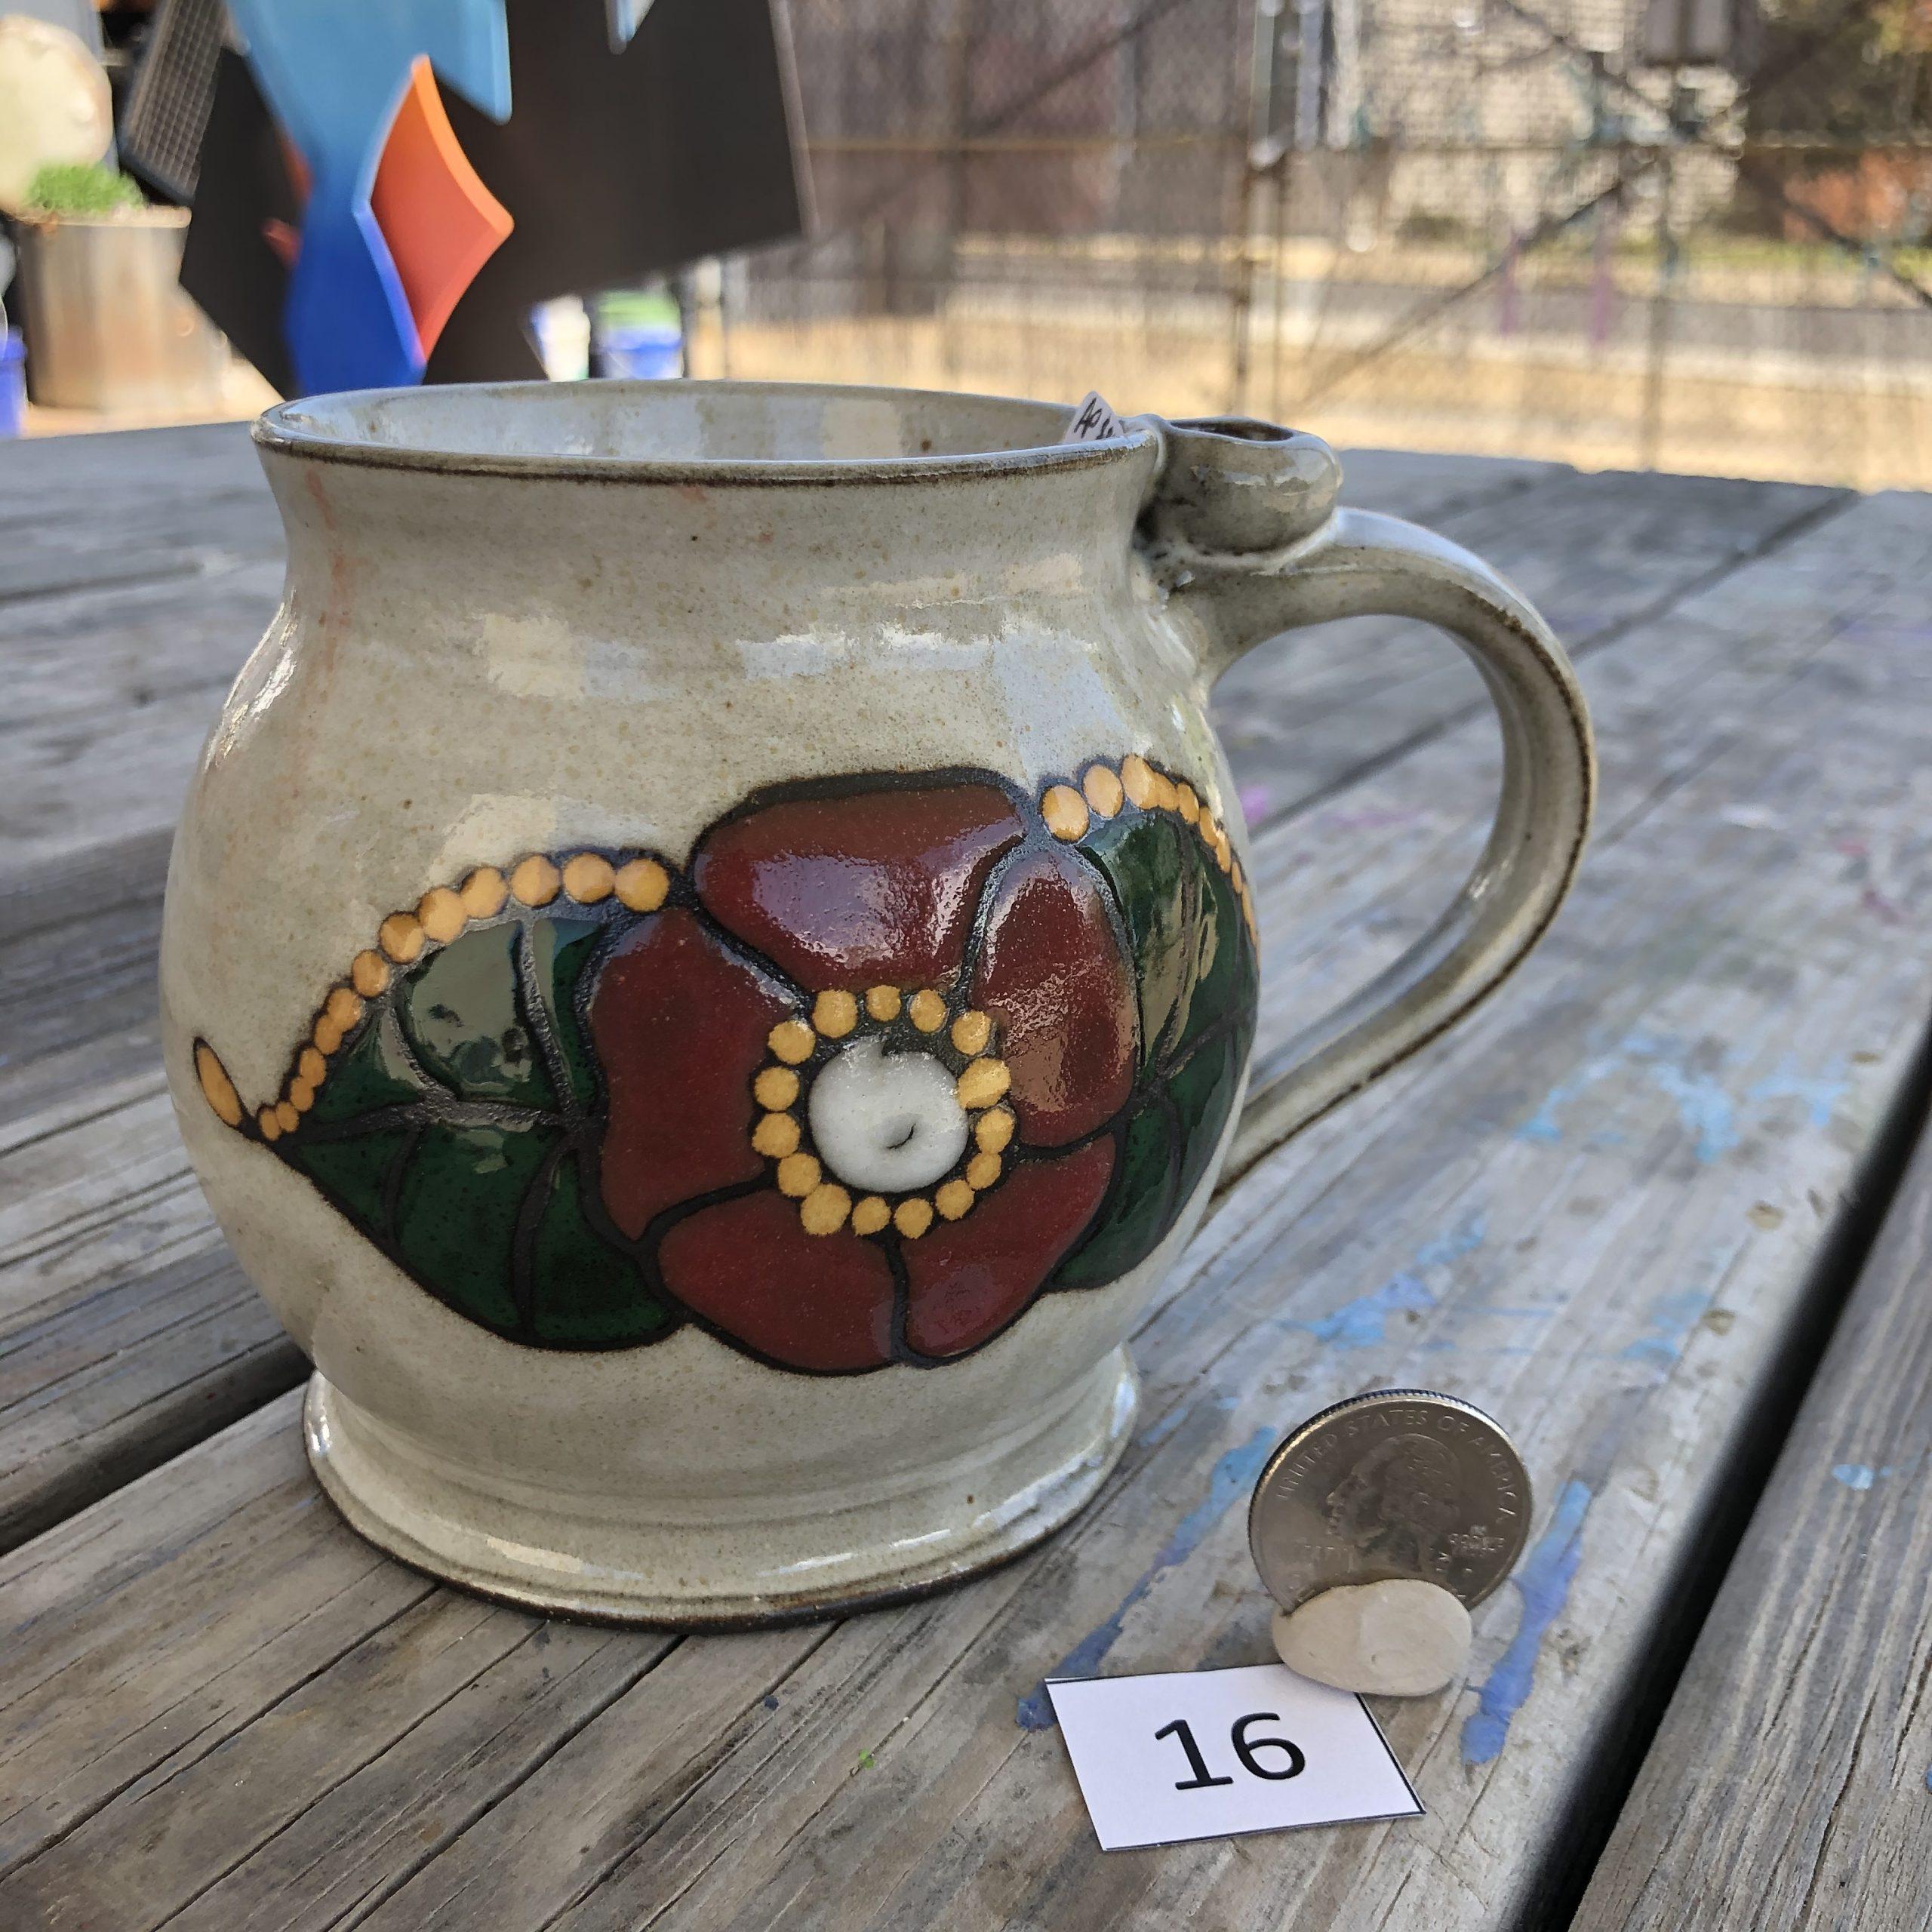 Ann Pfau Flower Mug #16